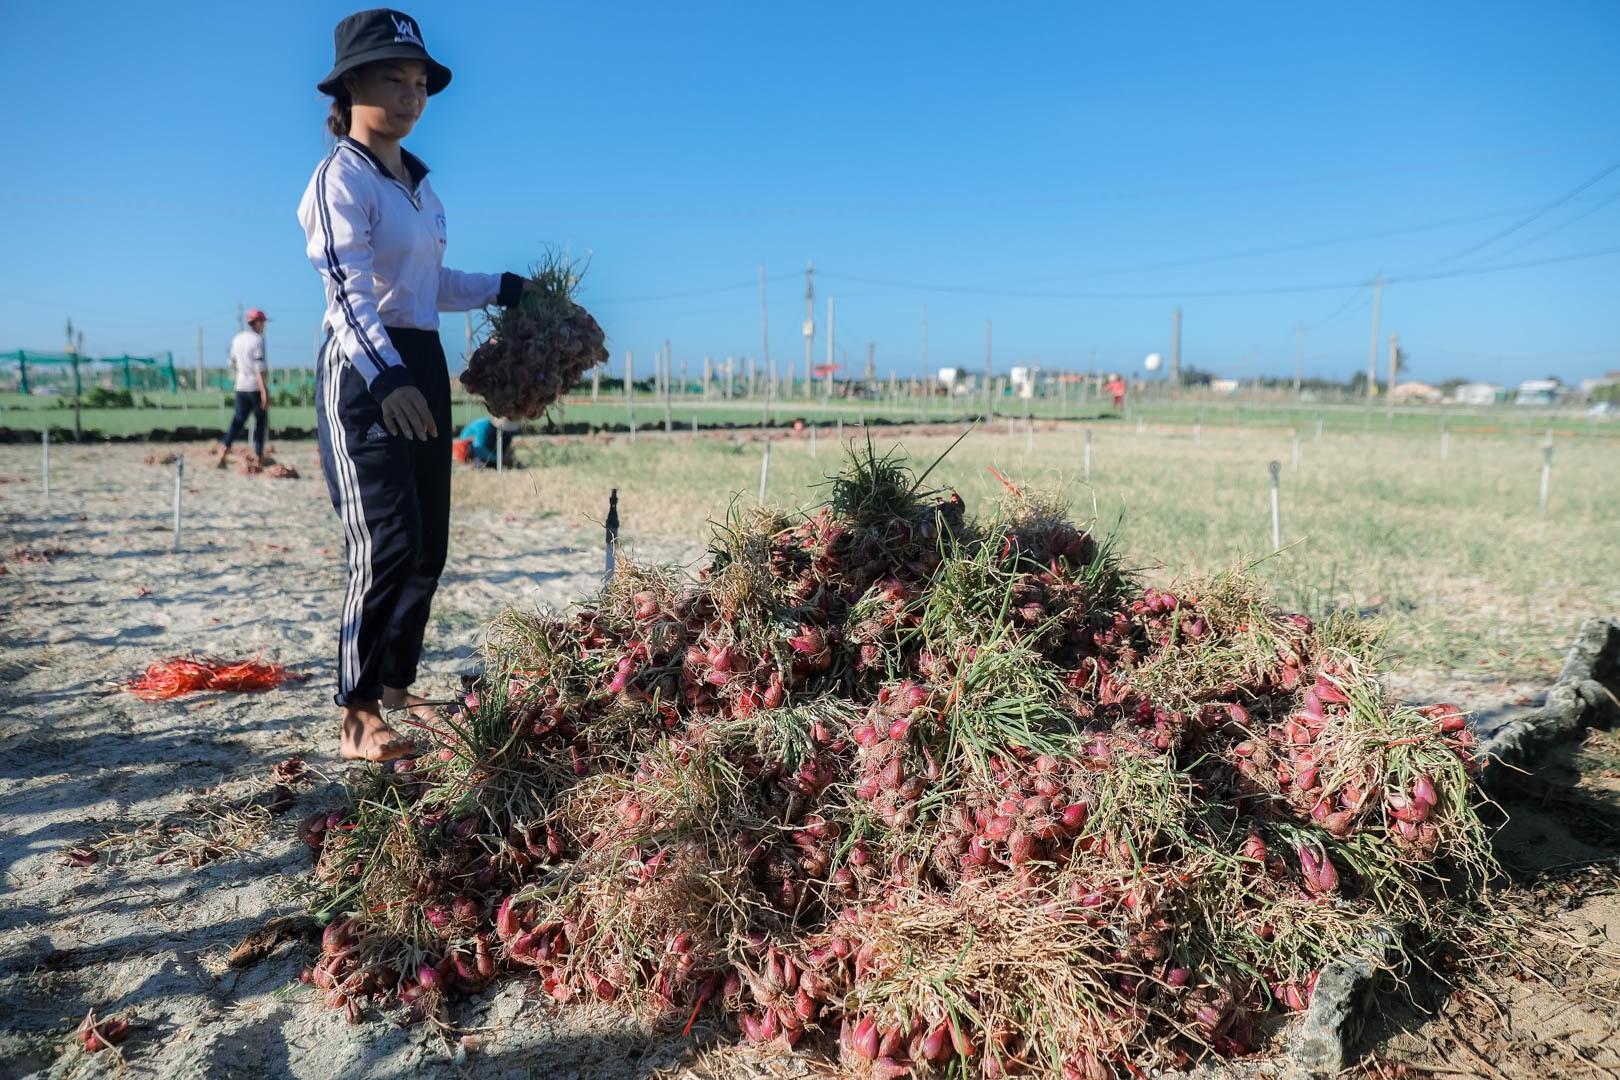 Ngọc tím Lý Sơn vào vụ: Giá cao gấp đôi, nông dân khấp khởi vui mừng - 11